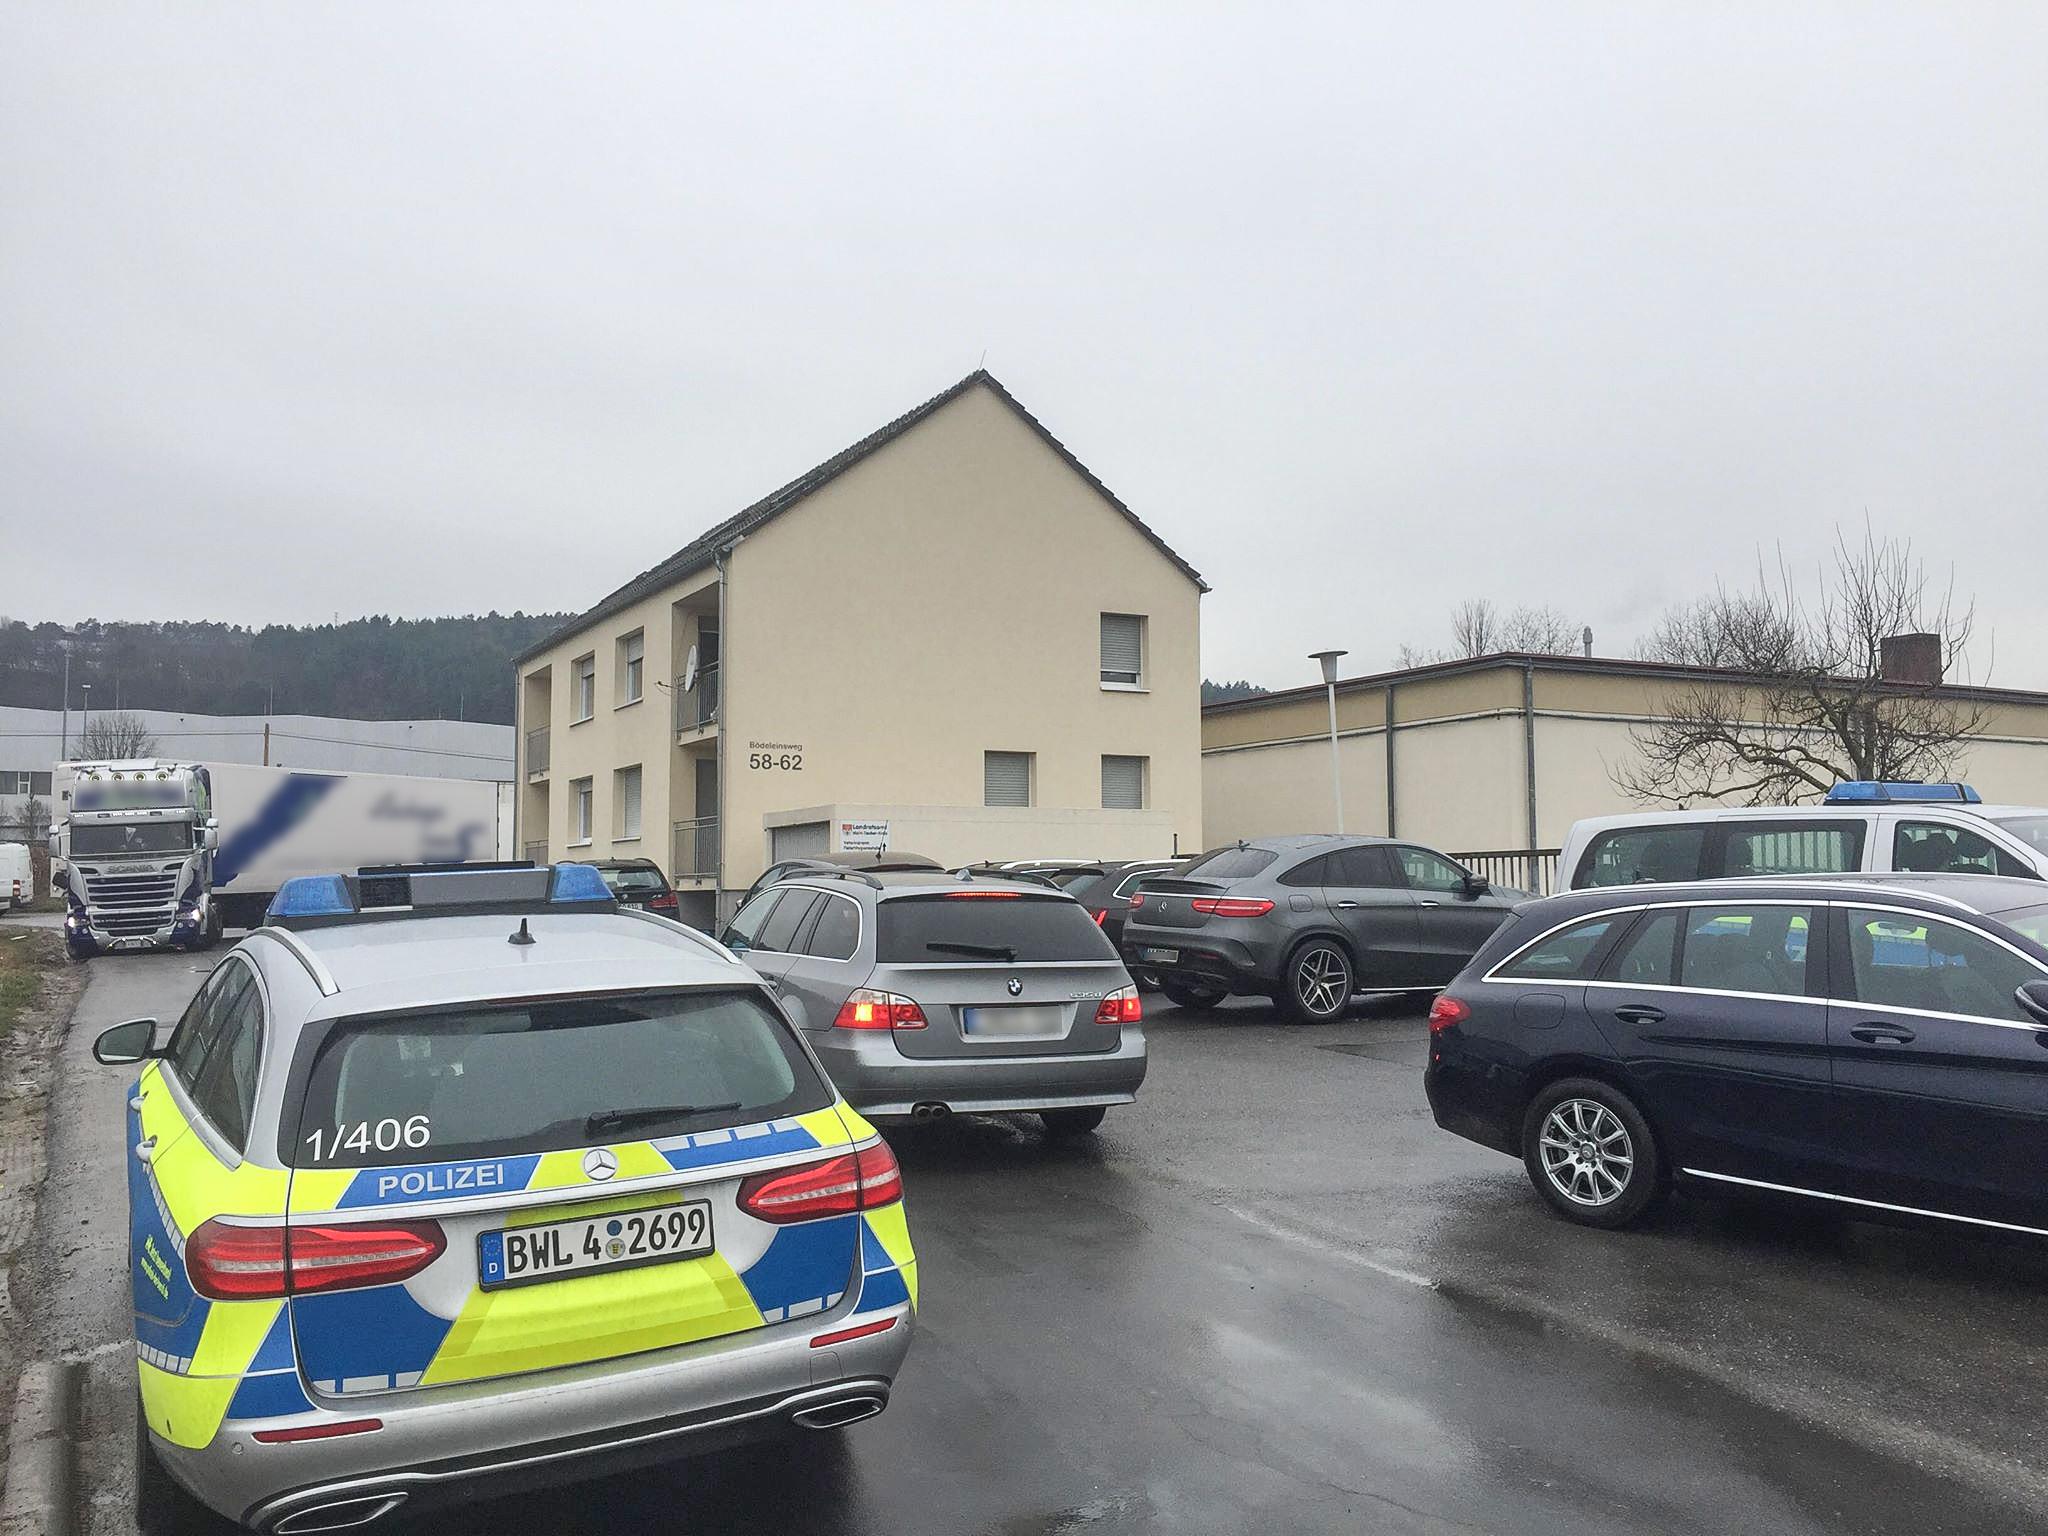 Die Polizei sichert aktuell Beweismittel auf dem Schlachthof in Tauberbischofsheim. Foto: Rene Engmann